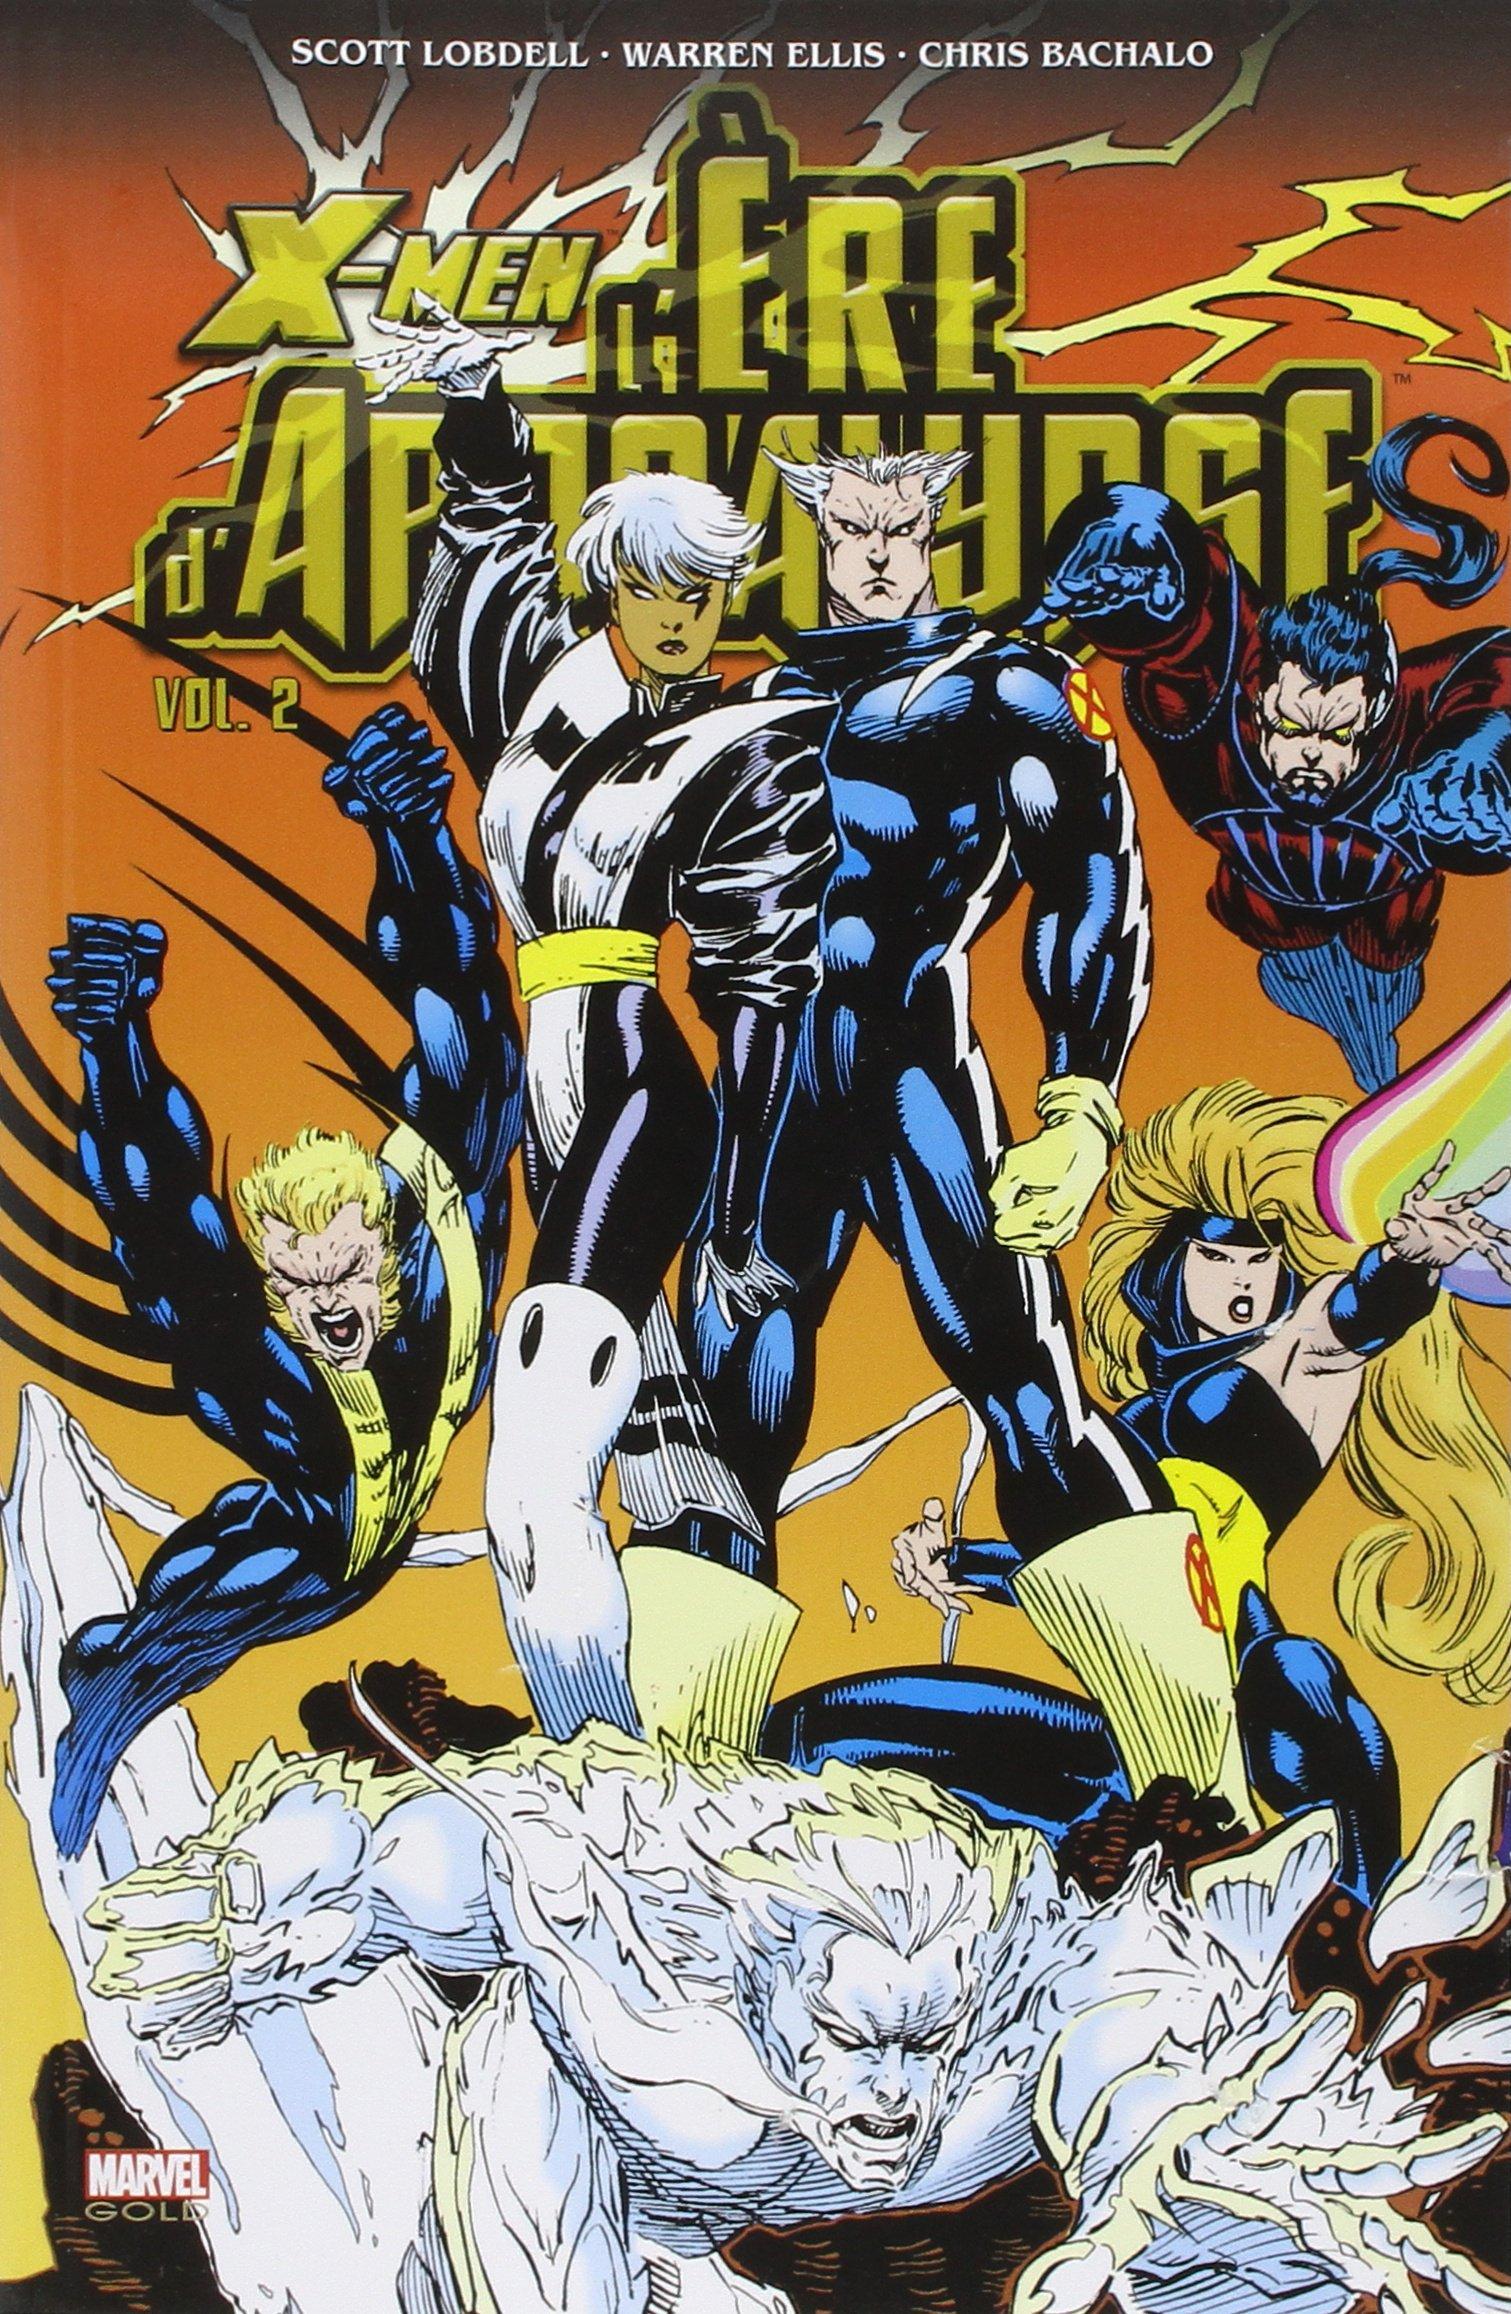 X-Men : l'Ere d'Apocalypse, Tome 2 (vf) occasion